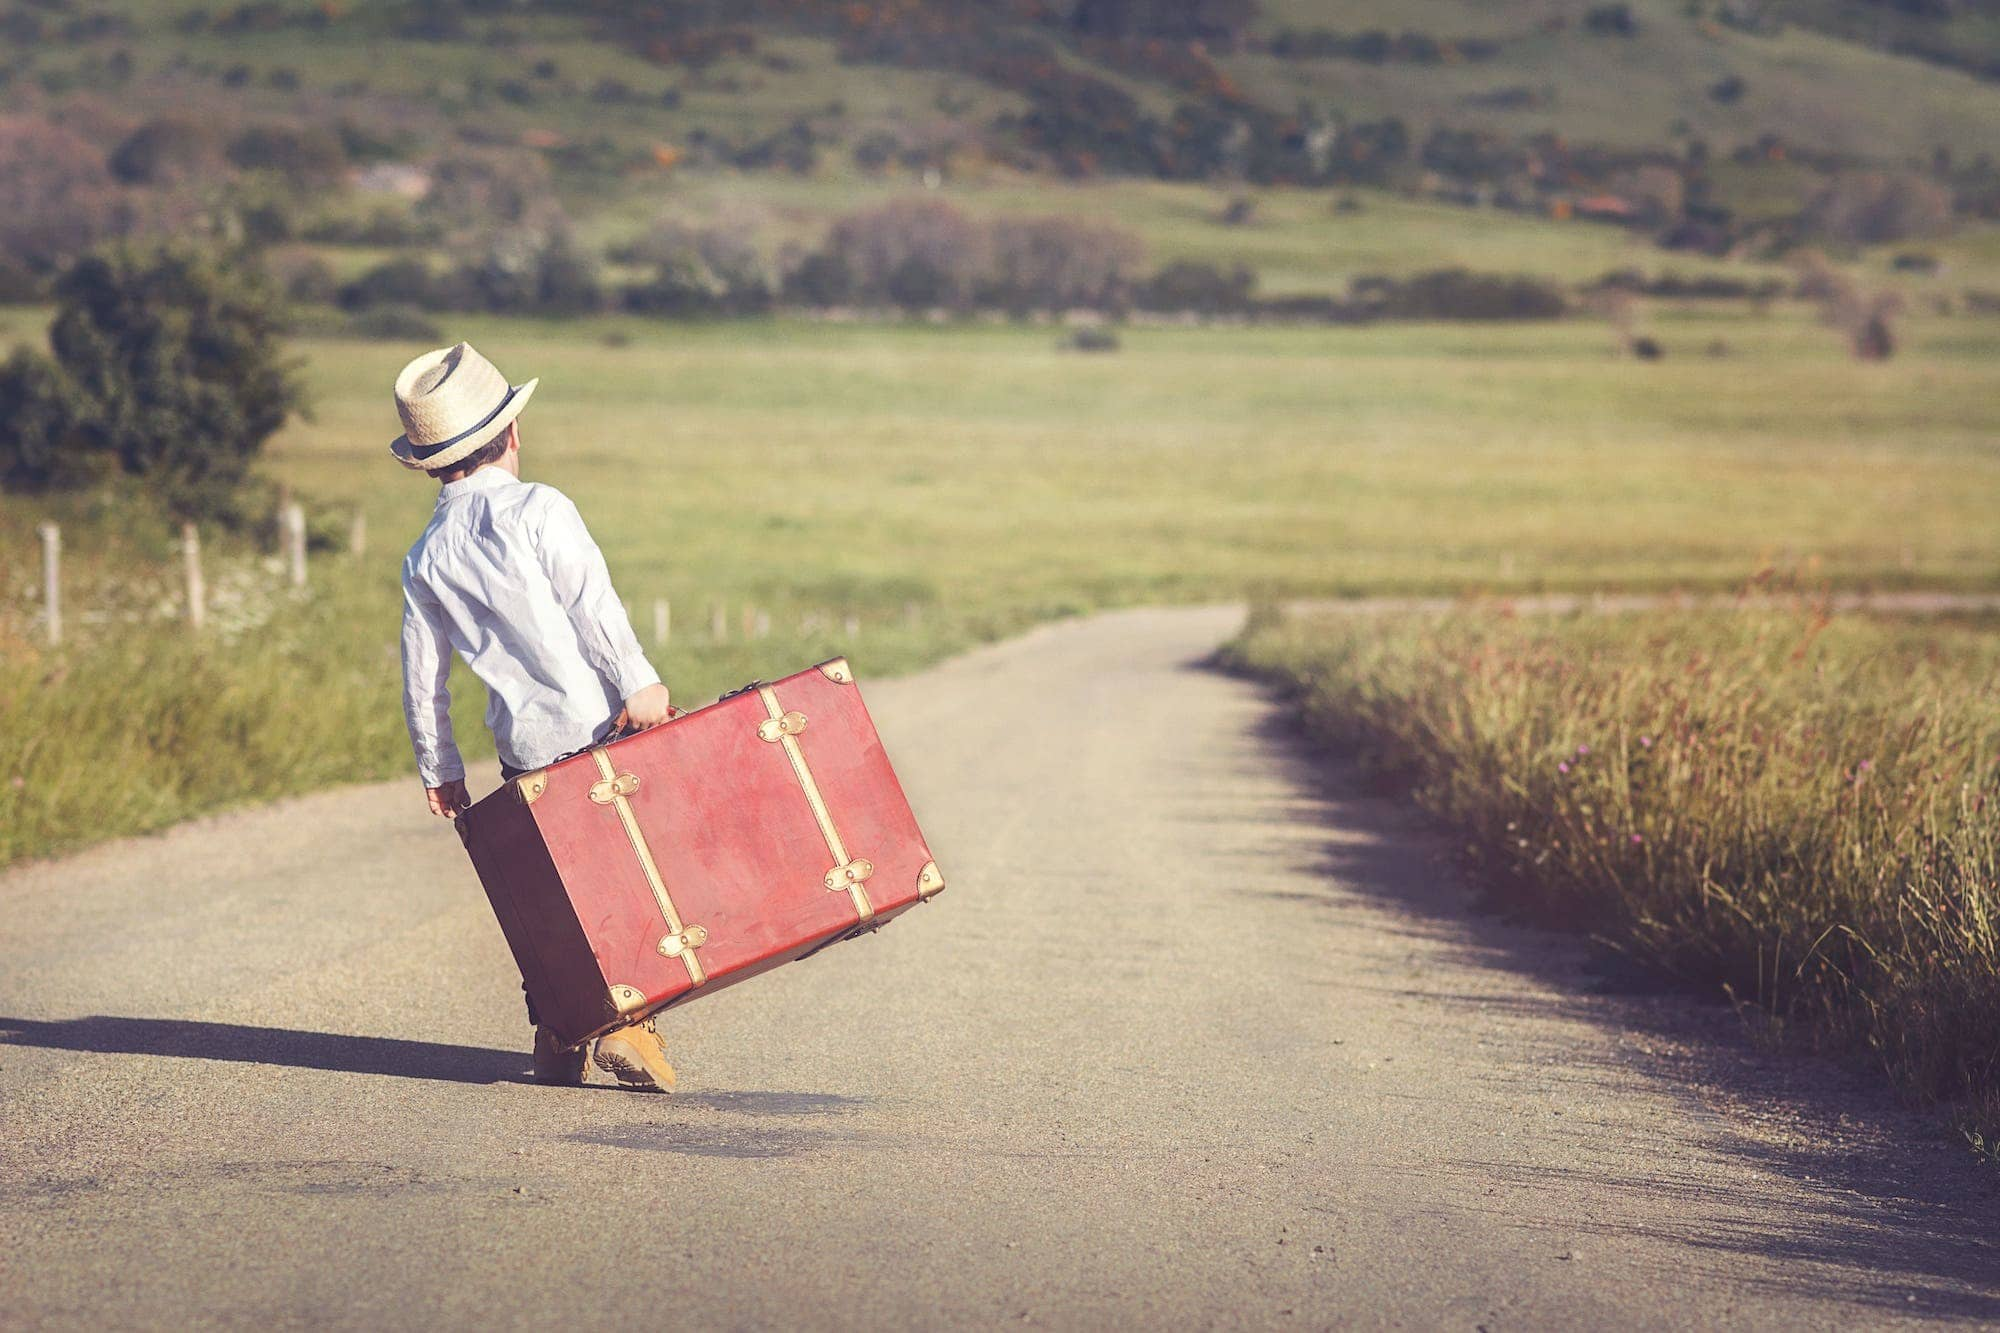 Attaccamento evitante devo imparare a cavarmela da solo | Dipendiamo.blog